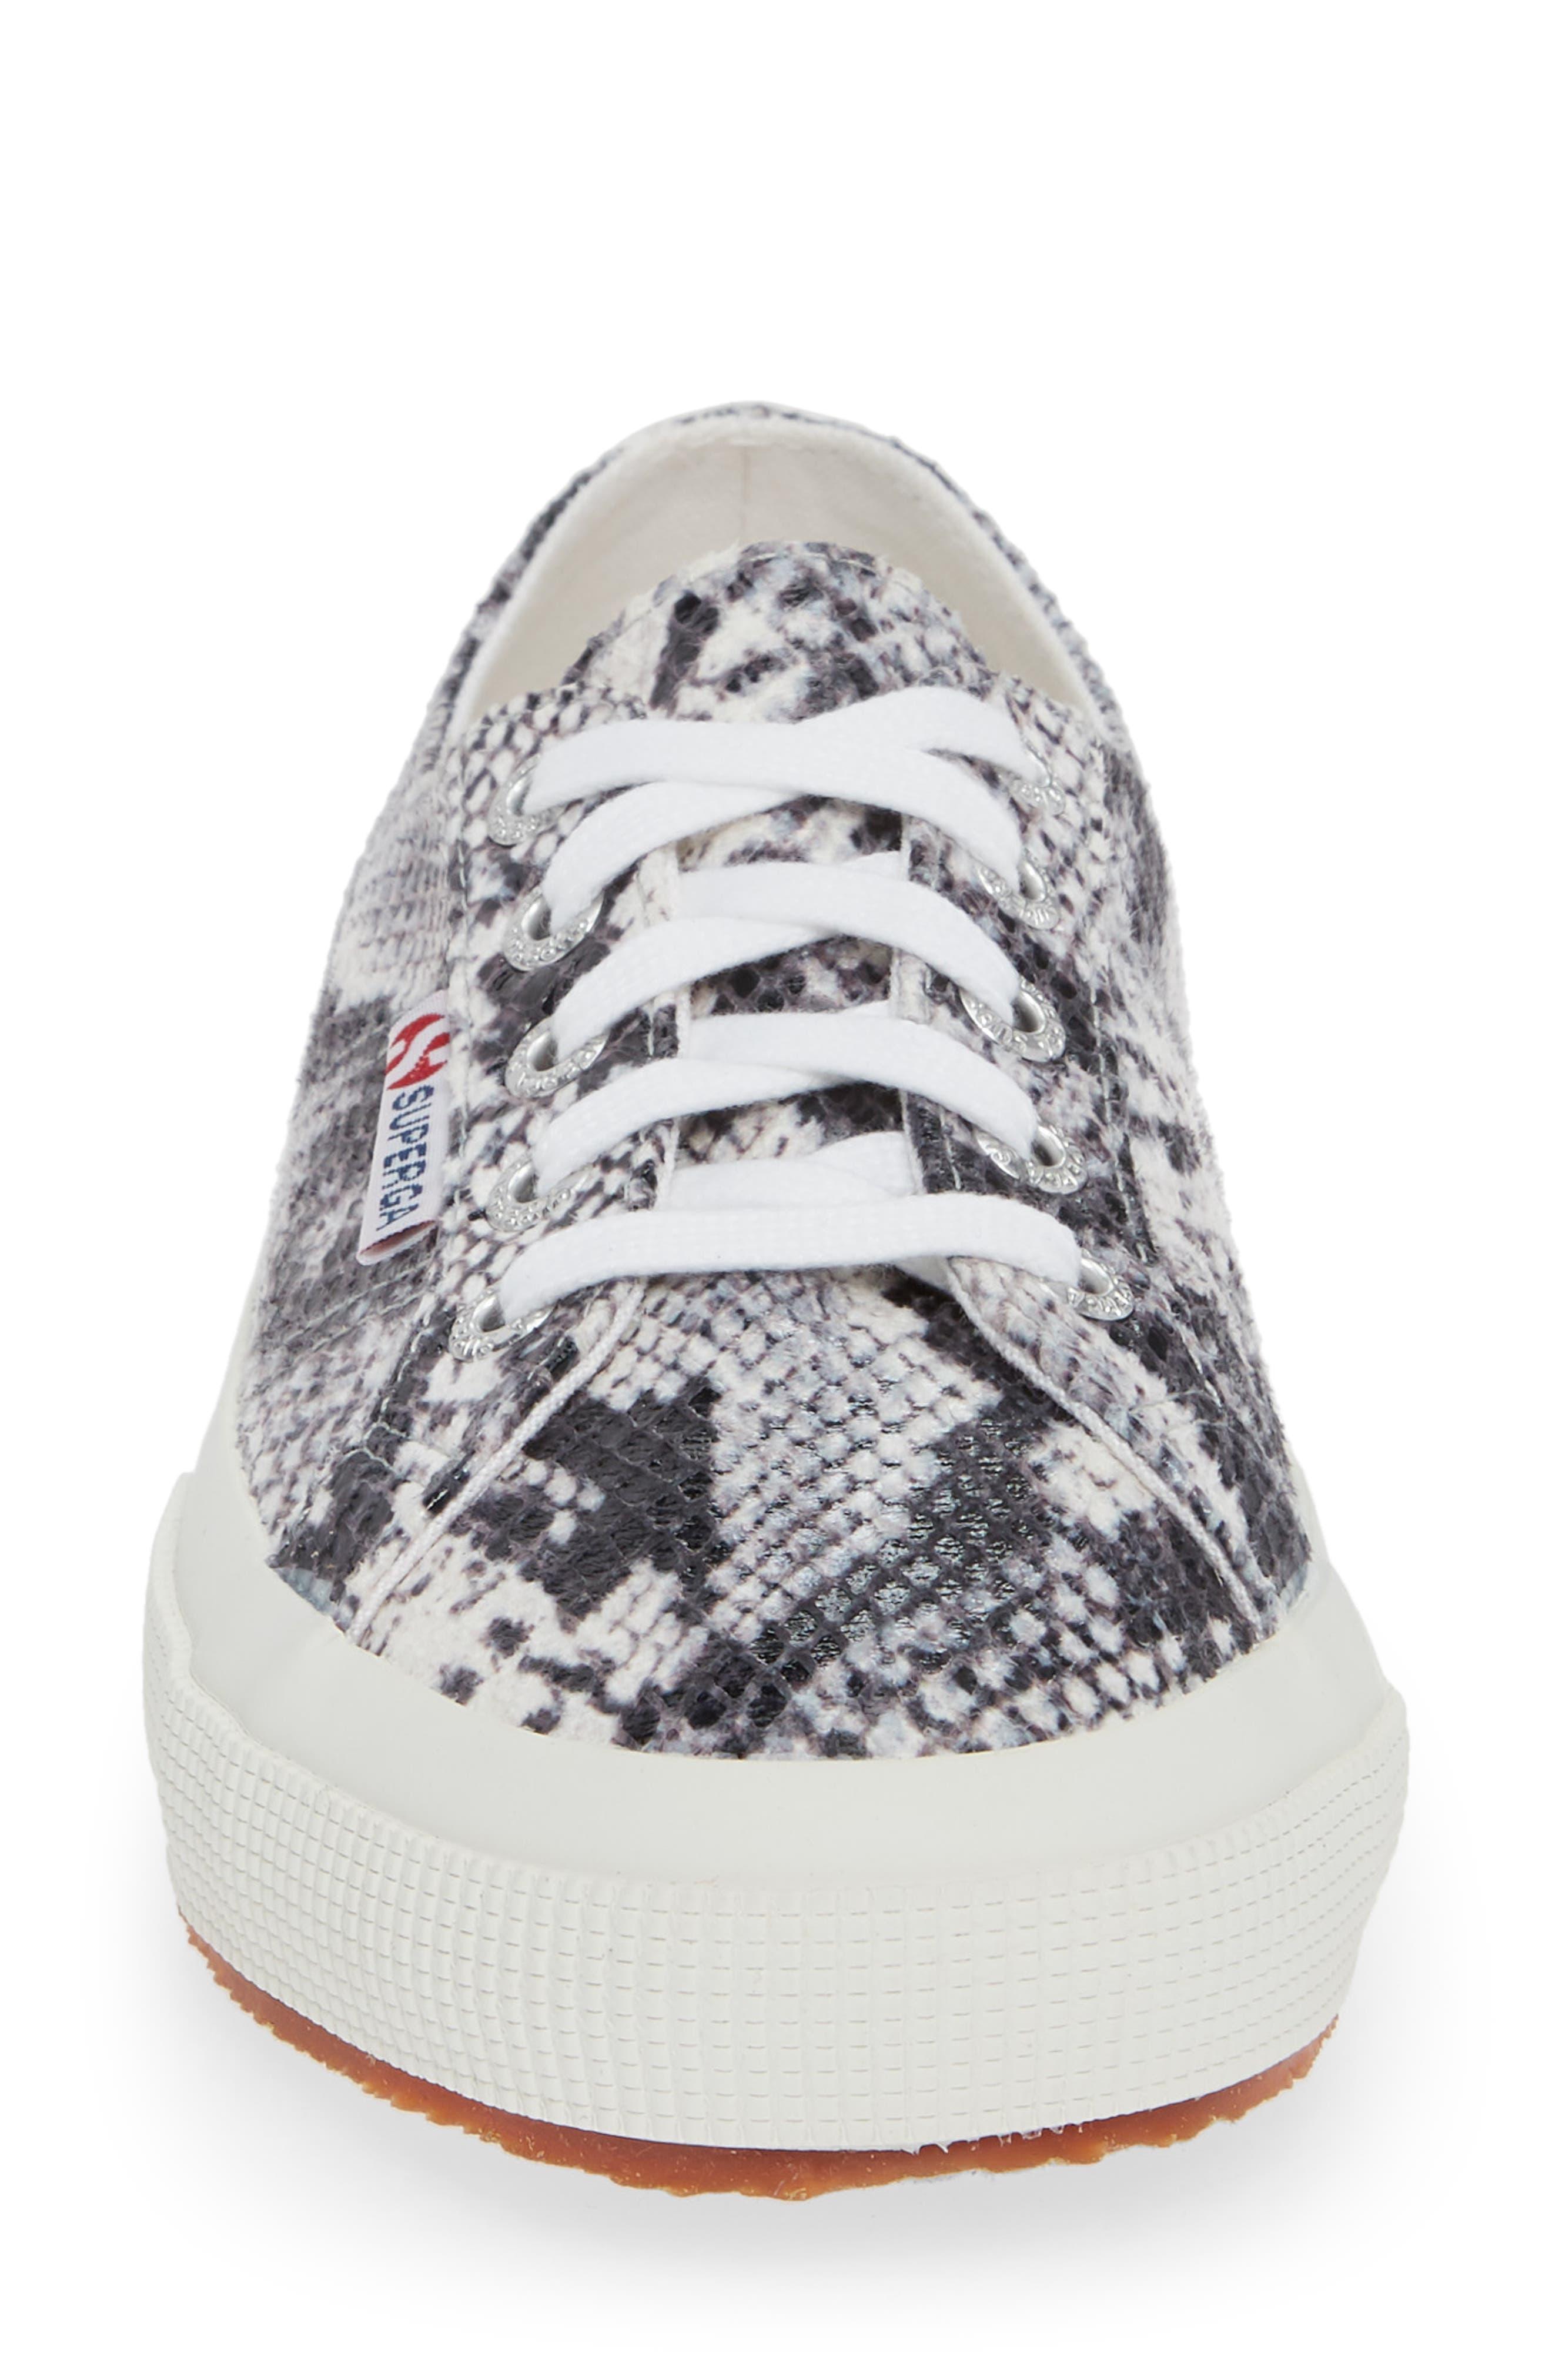 'Cotu' Sneaker,                             Alternate thumbnail 4, color,                             NATURAL SNAKE PRINT